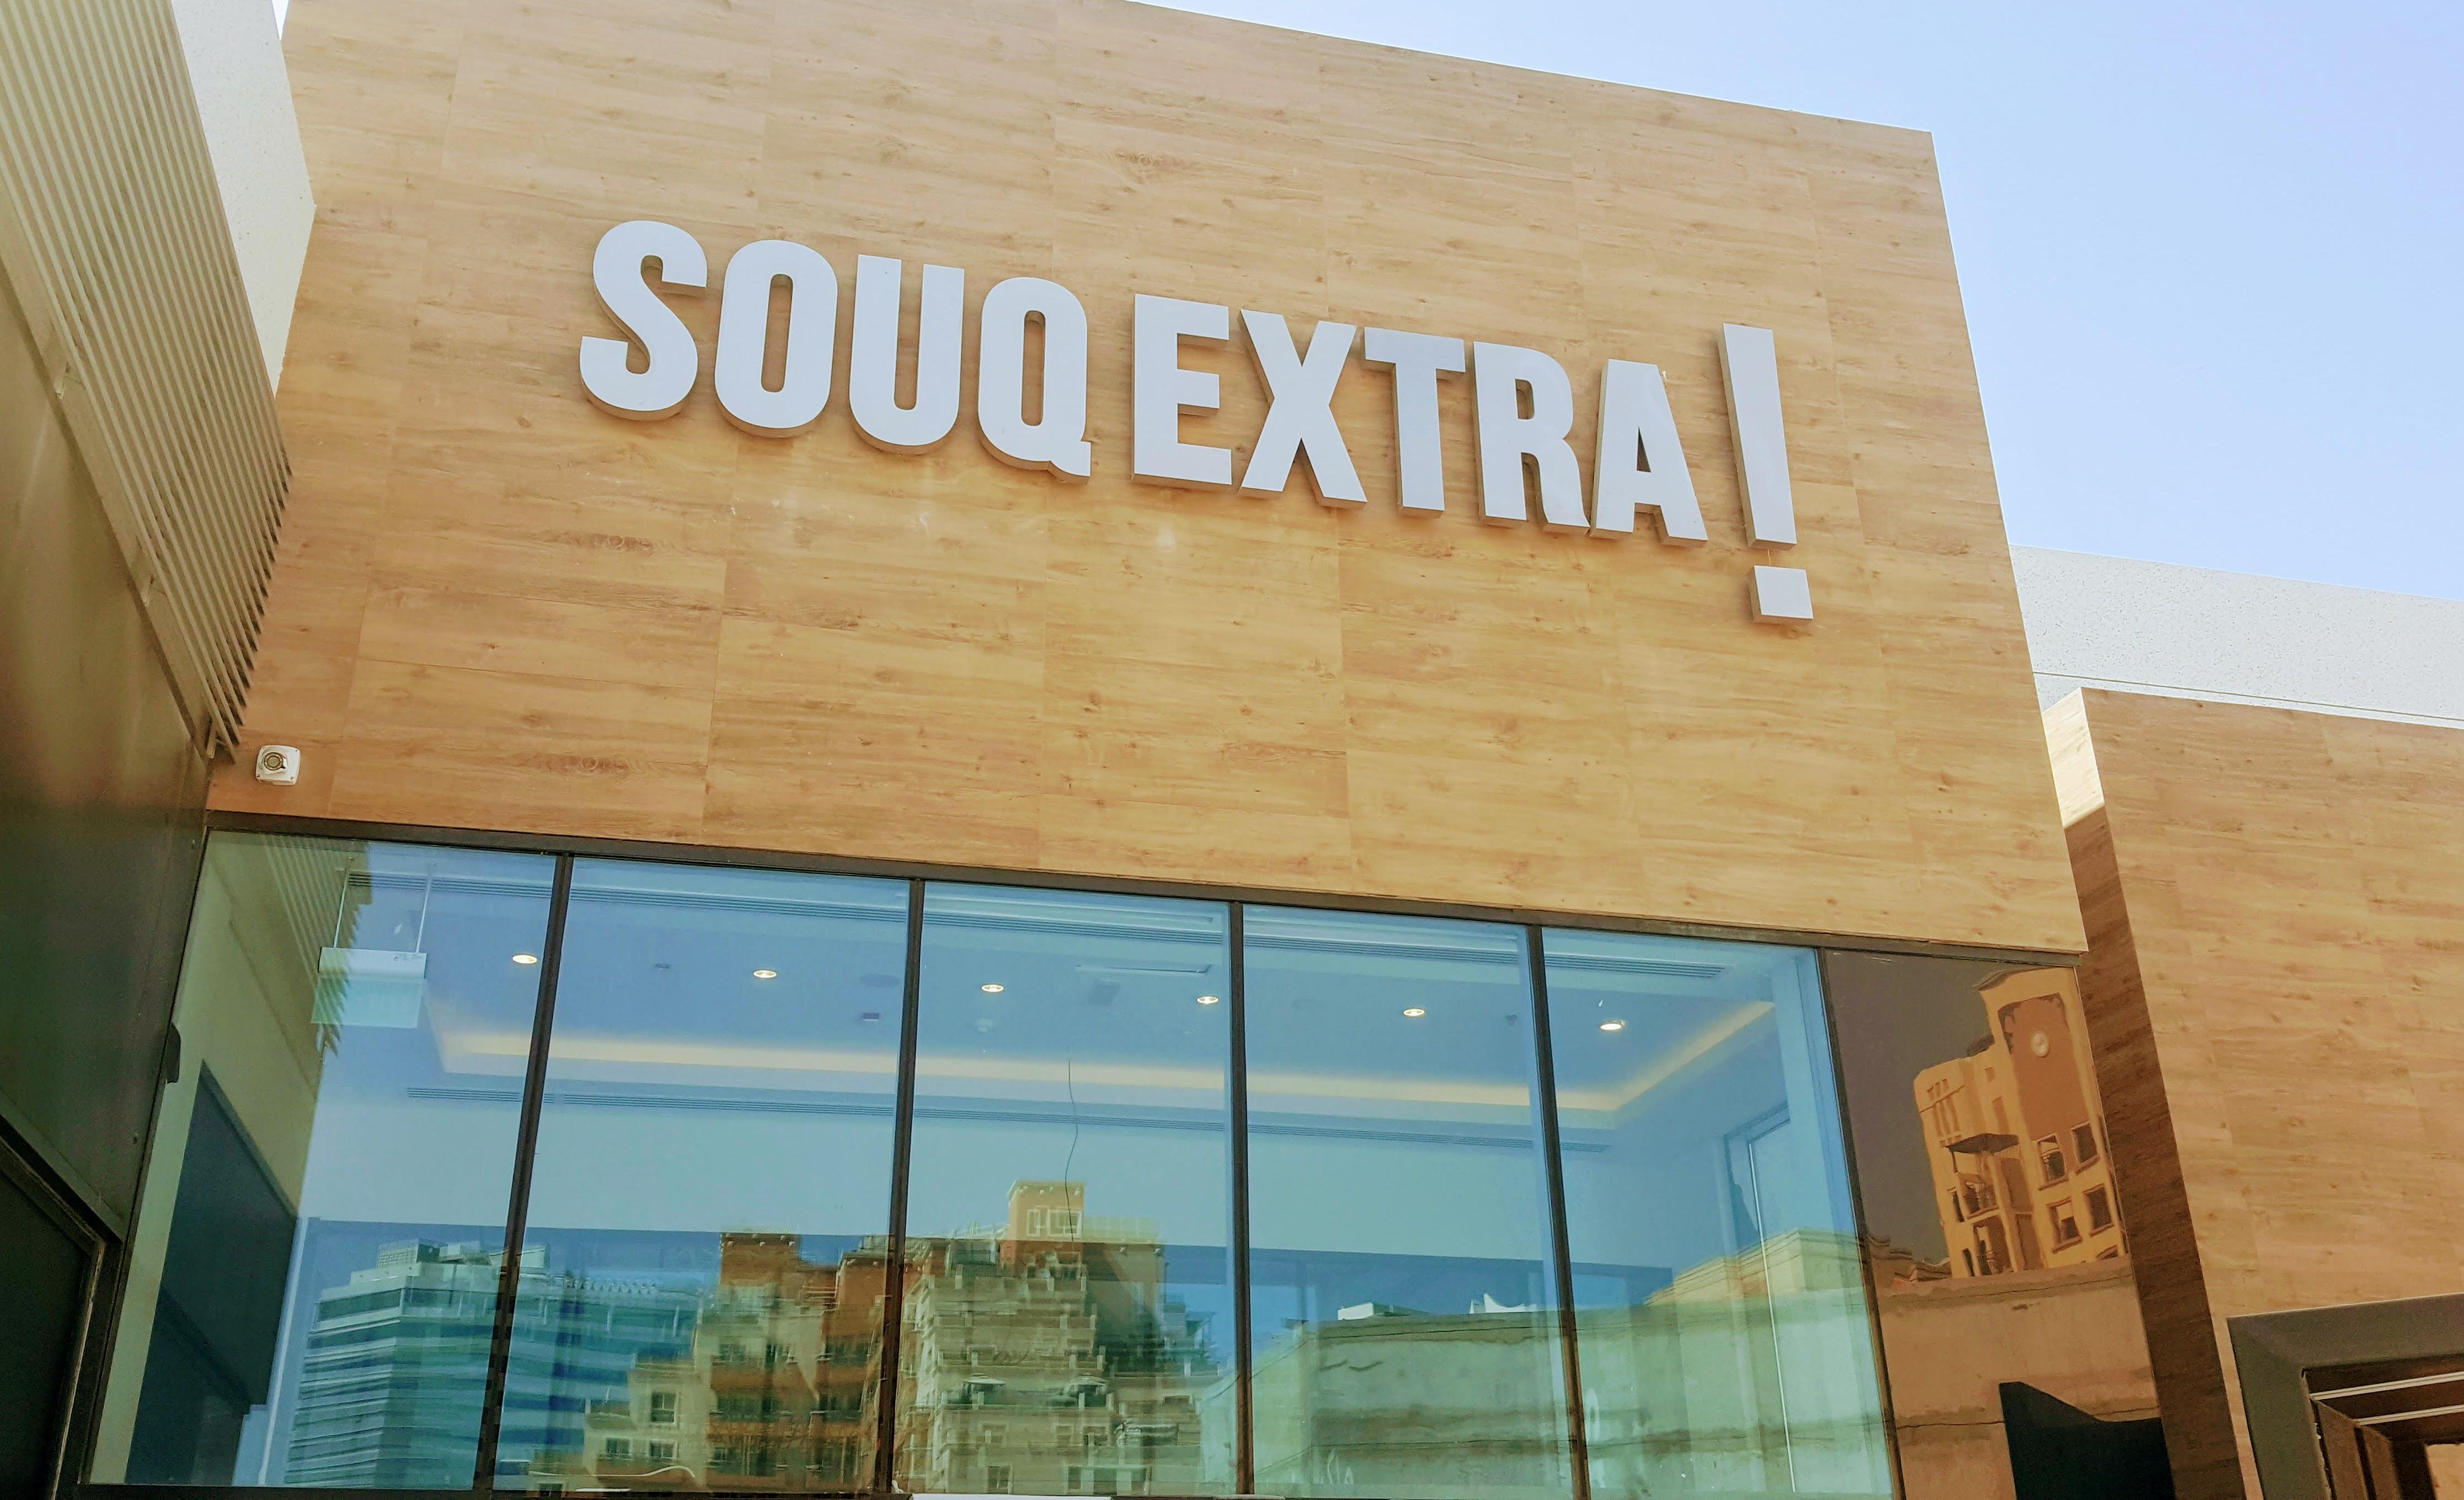 Souq Extra